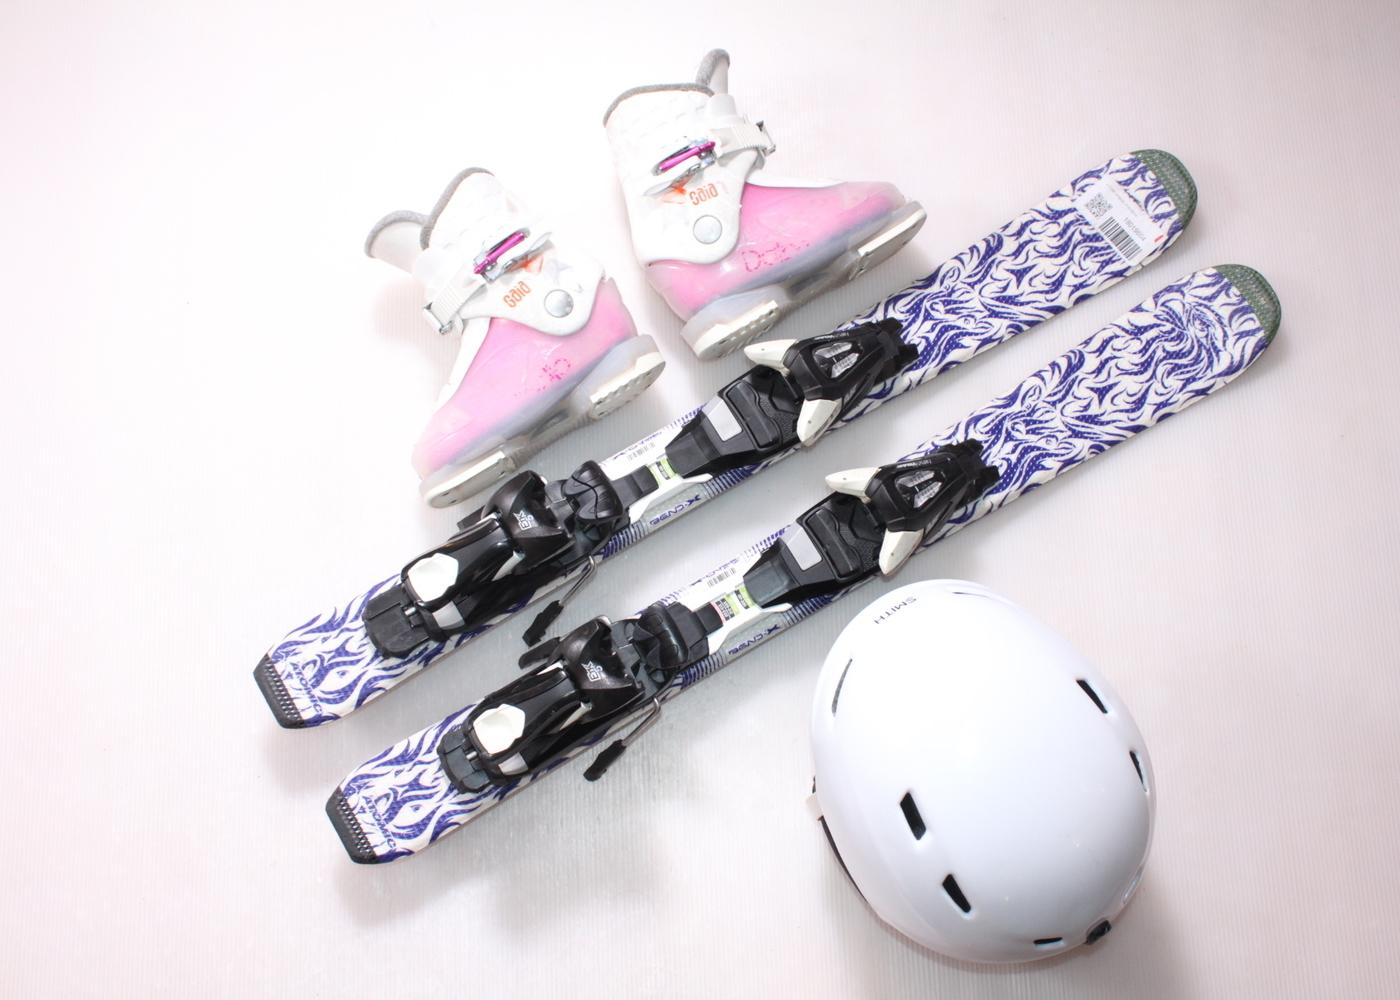 Dětské lyže ATOMIC ANIMAL FUN 80 cm + lyžáky  26.5EU + helma